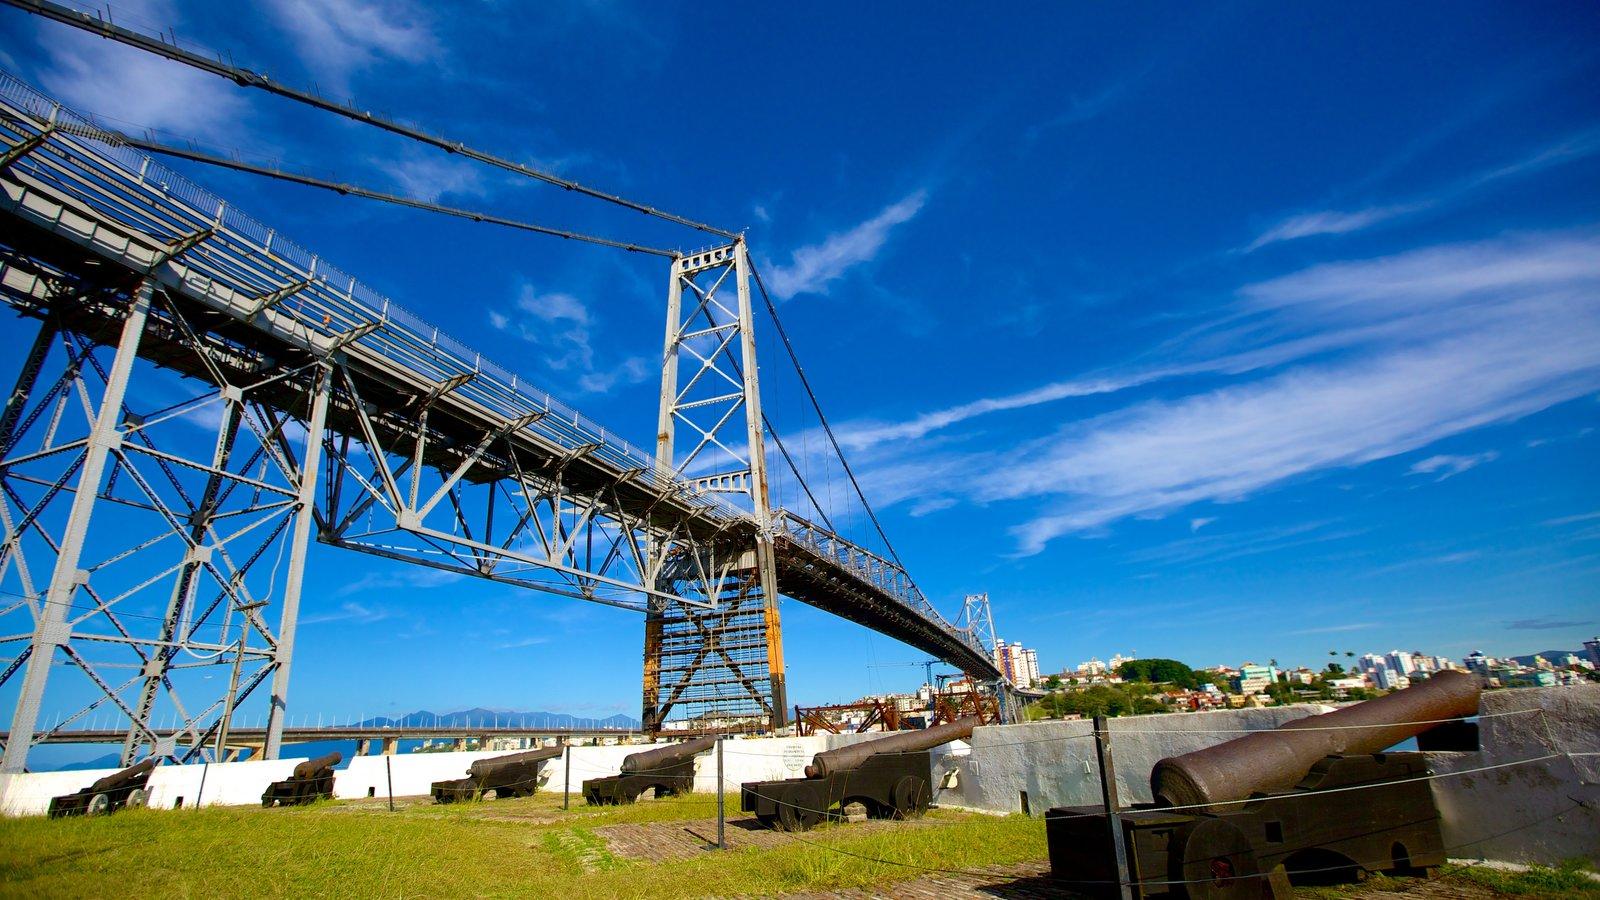 Ponte Hercílio Luz mostrando uma ponte e itens militares